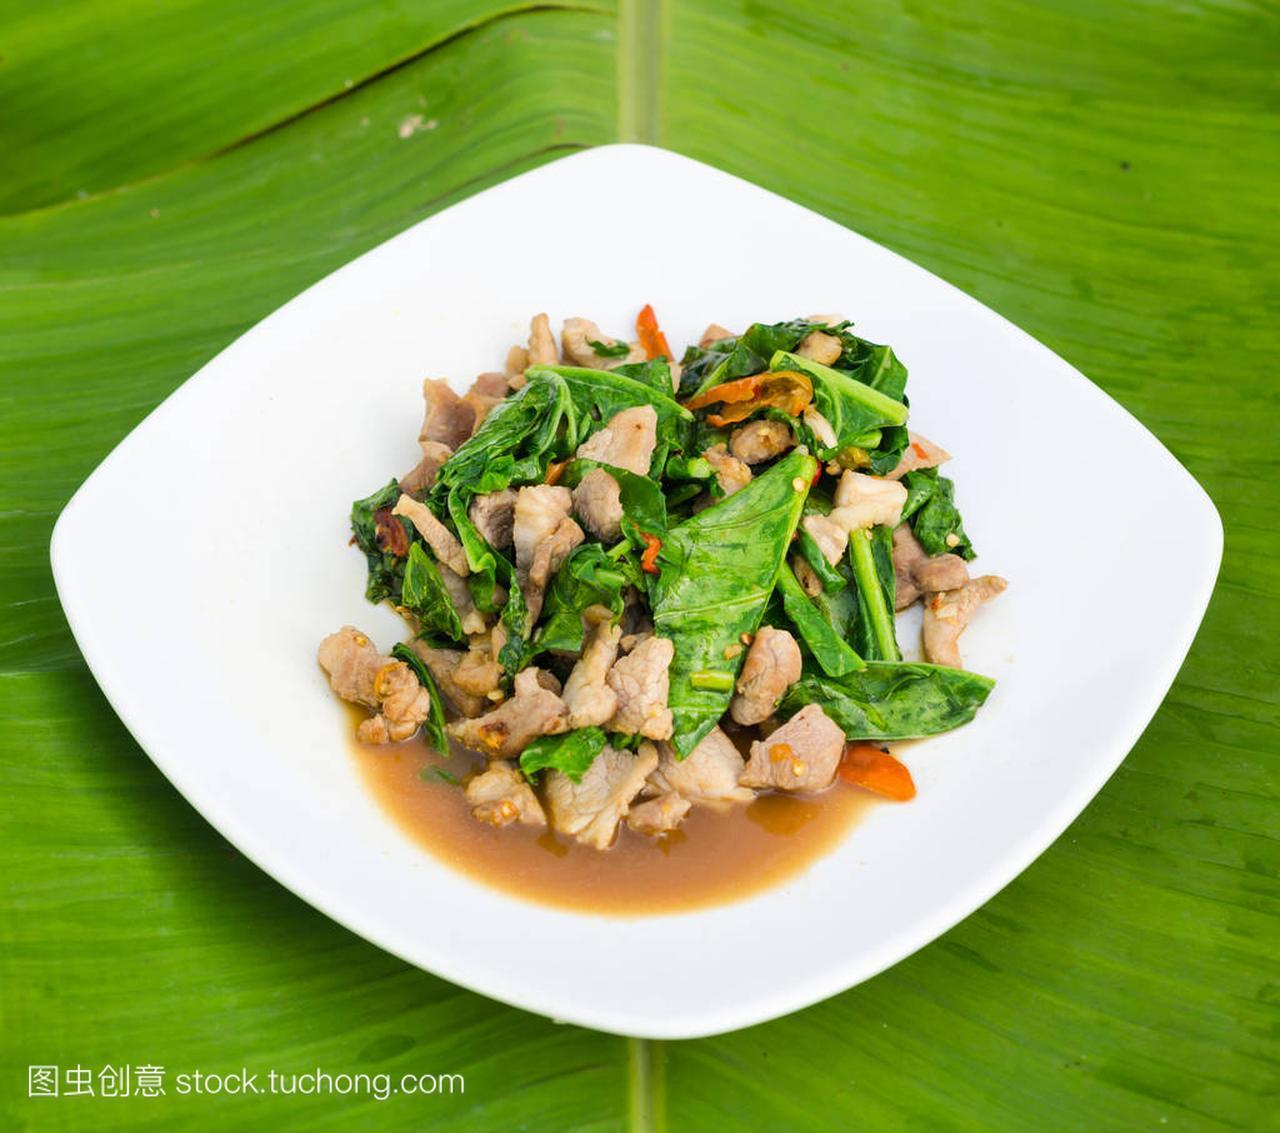 芥兰炒蚝油j野兔肉图片